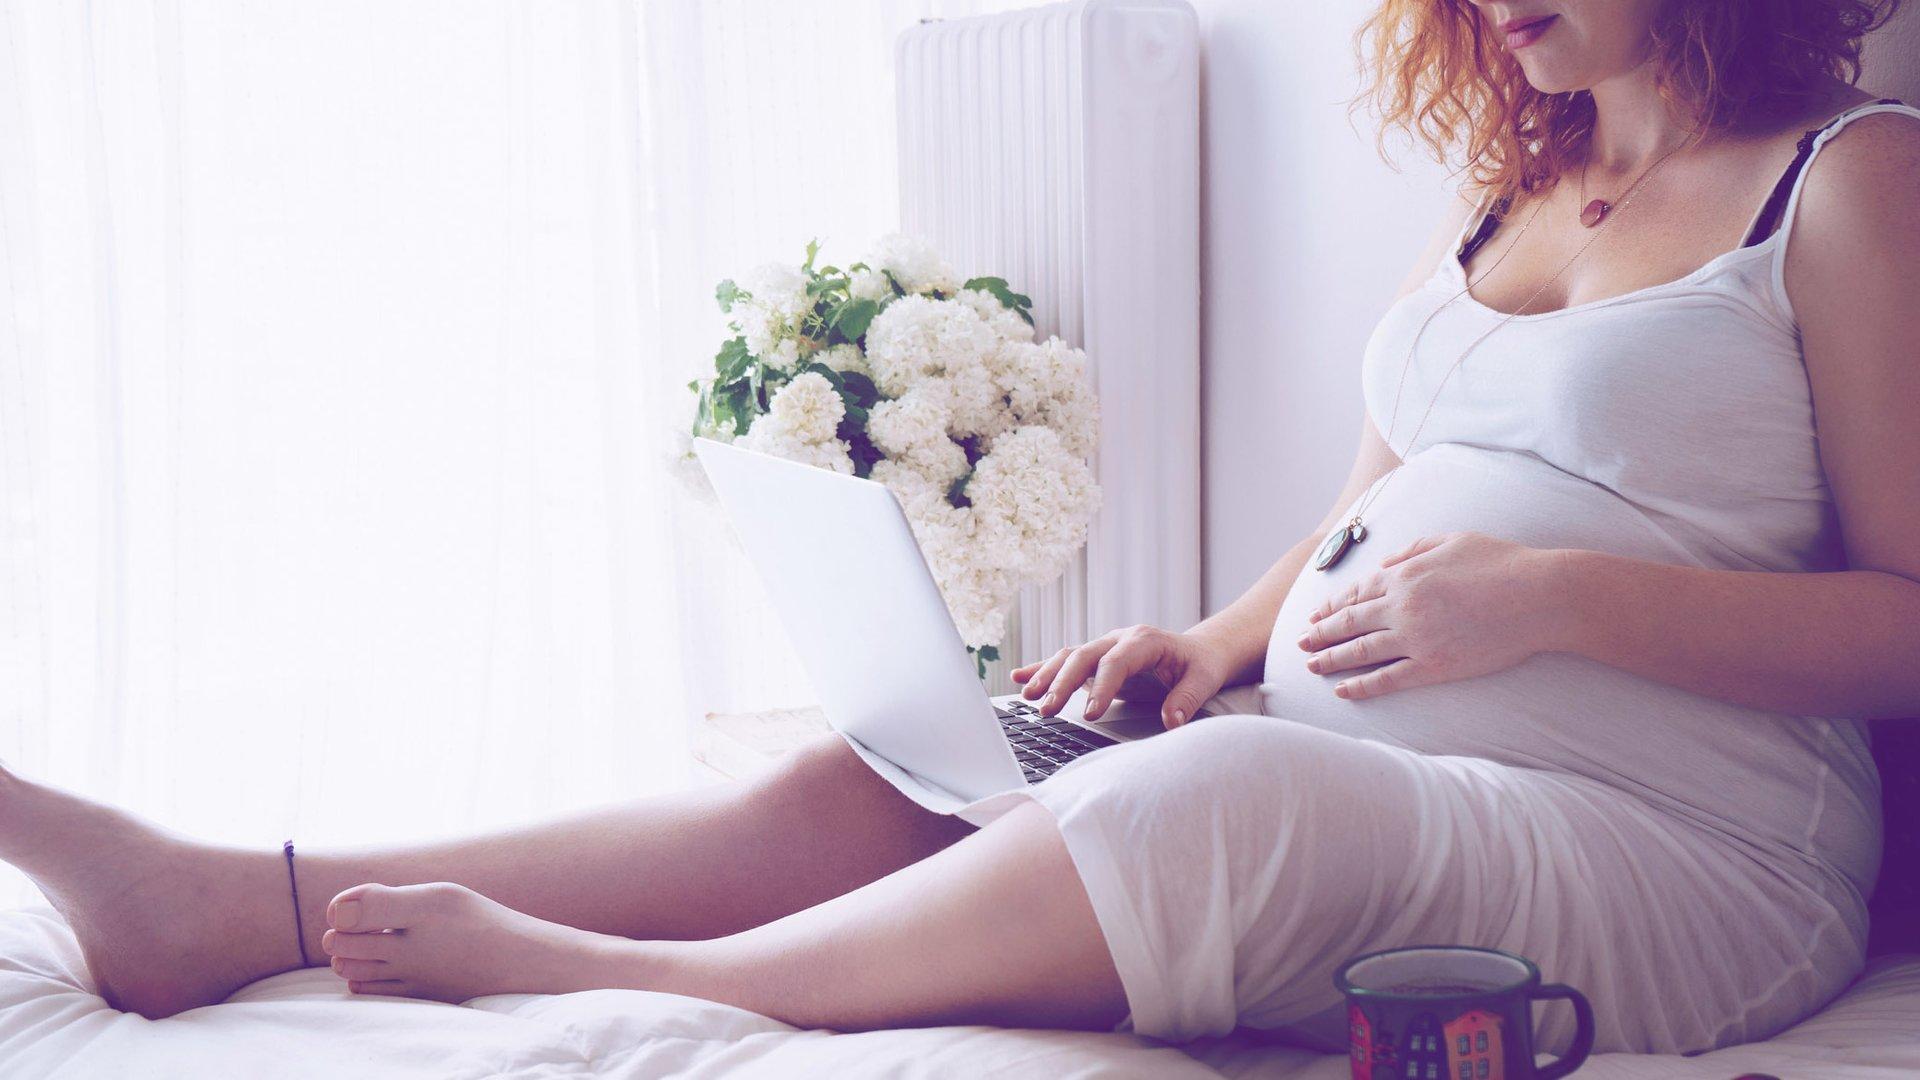 Schwangerschaft entstellt nach körper Körper total